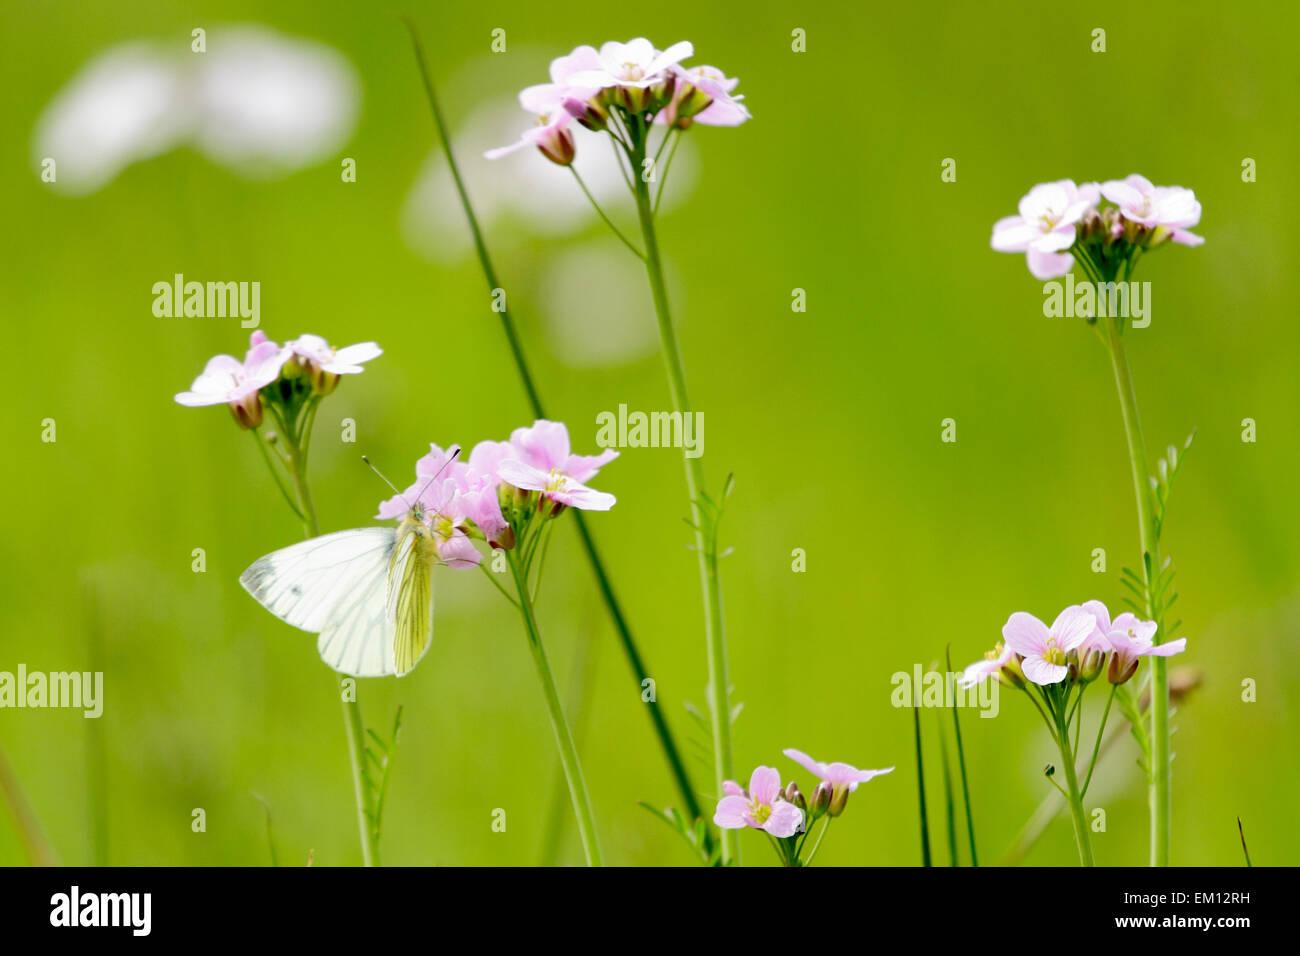 Pieris Napi on flowers - Stock Image